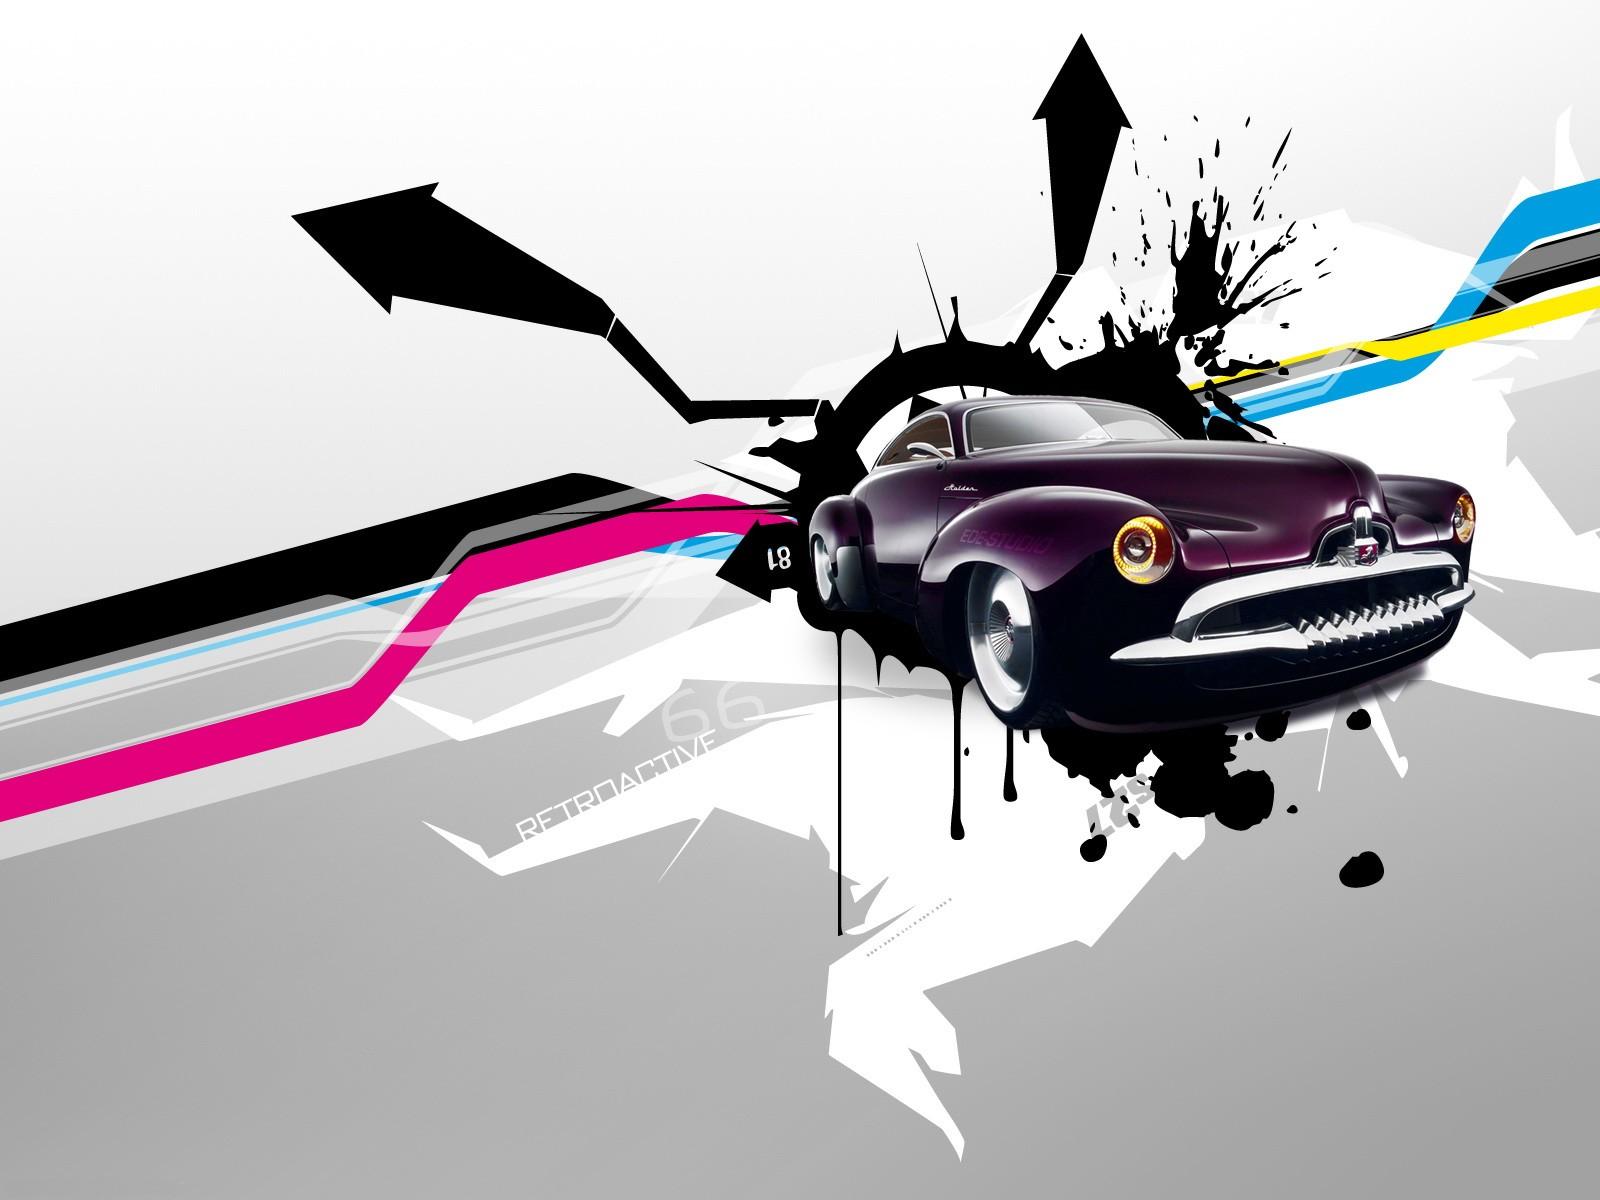 Wallpaper Ilustrasi Seni Digital Mobil Kendaraan